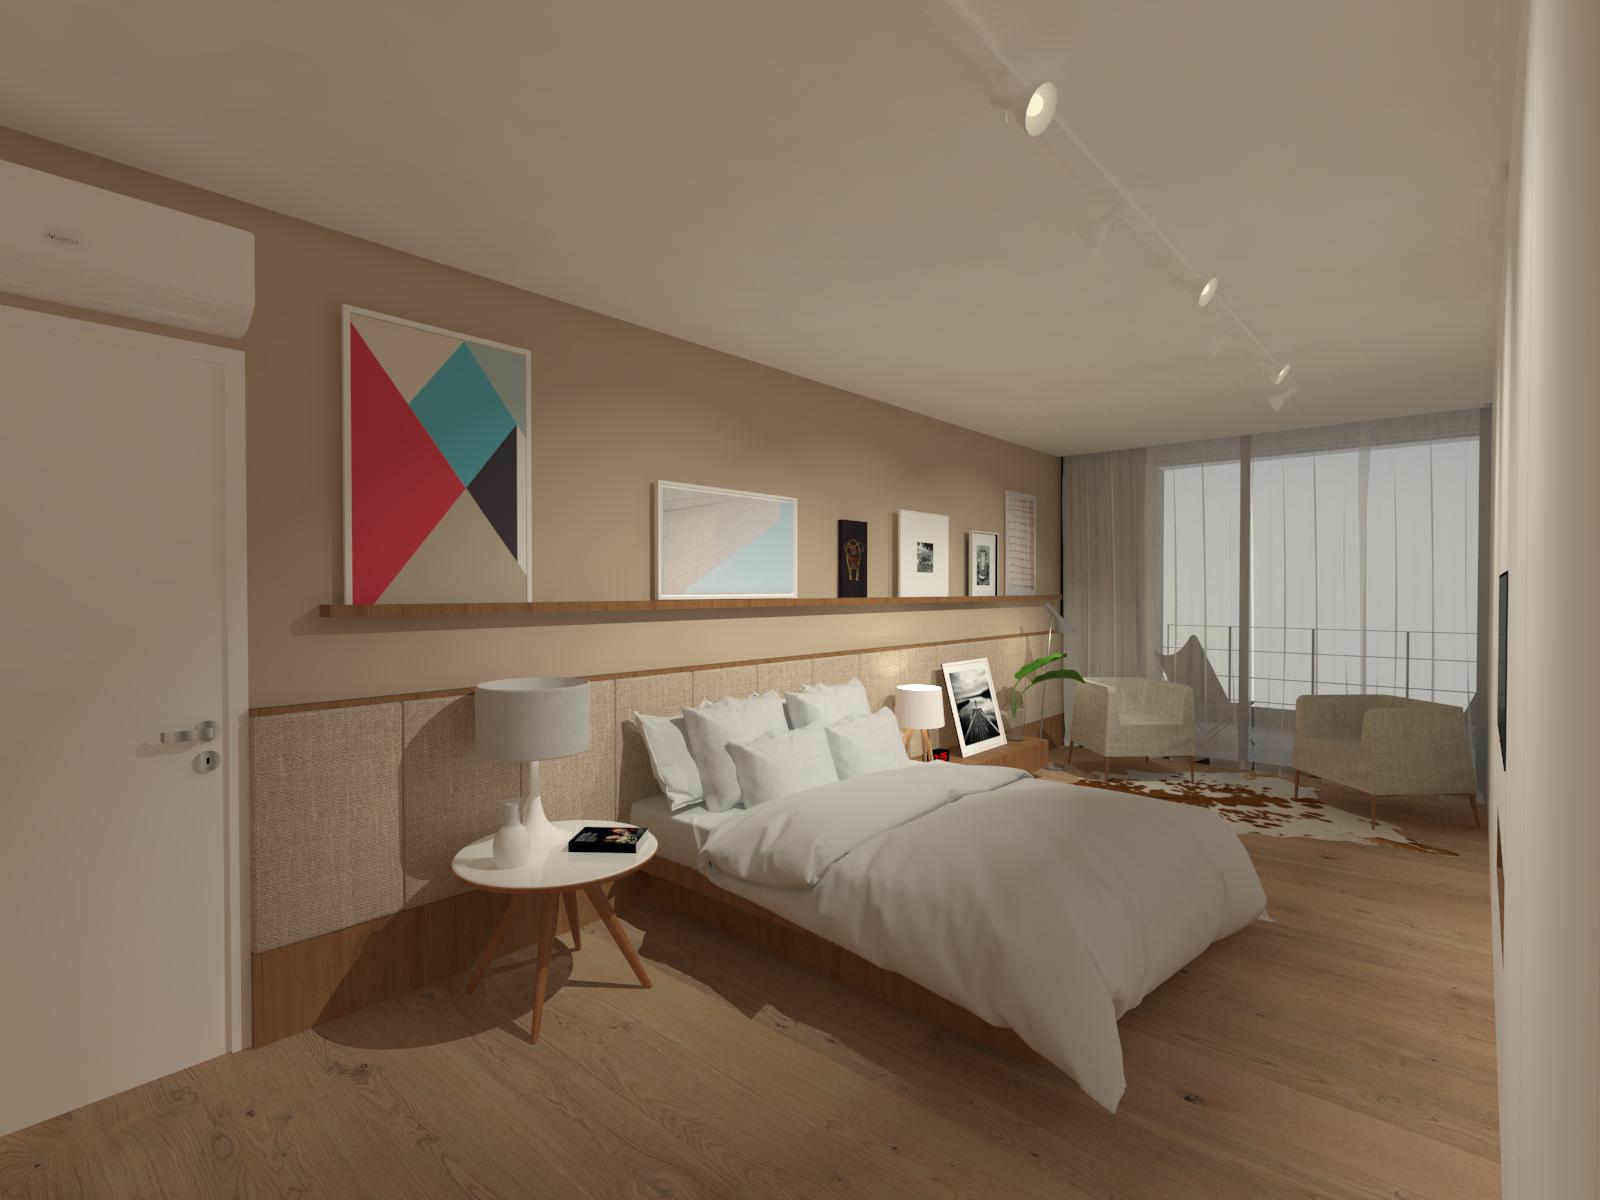 casa coracini | dormitório